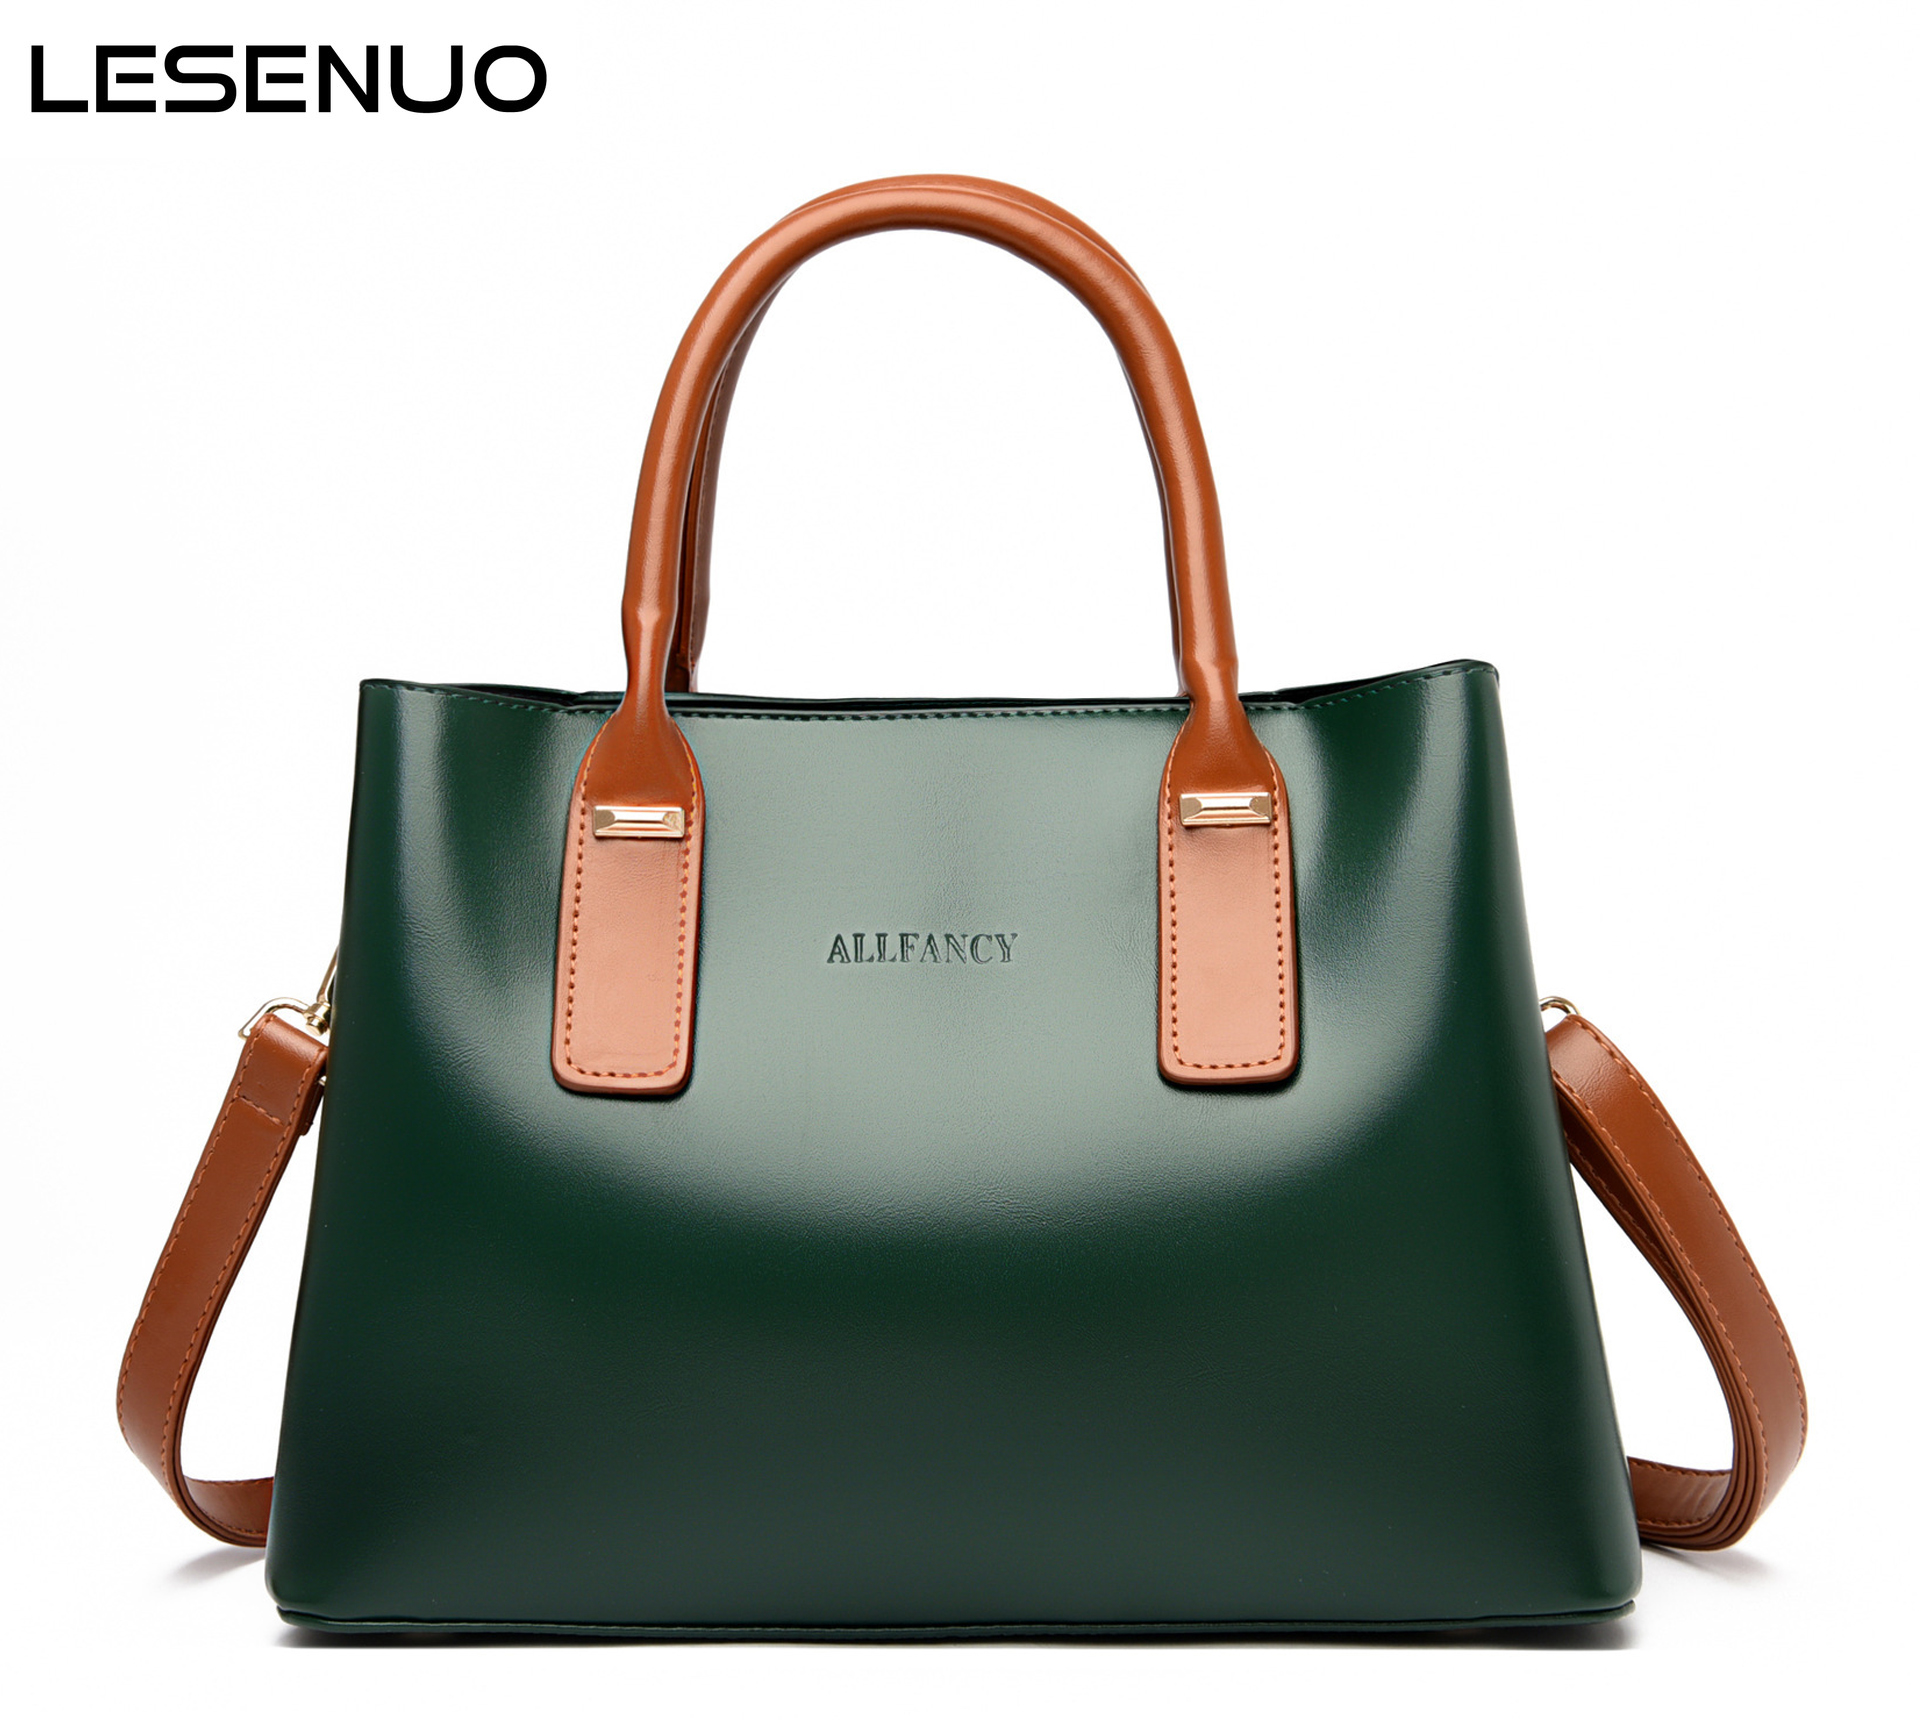 LESENUO Женские винтажные сумки, дизайнерская Большая вместительная сумка-тоут 2020, женские модные роскошные сумки, брендовые сумки, сумка на пл...